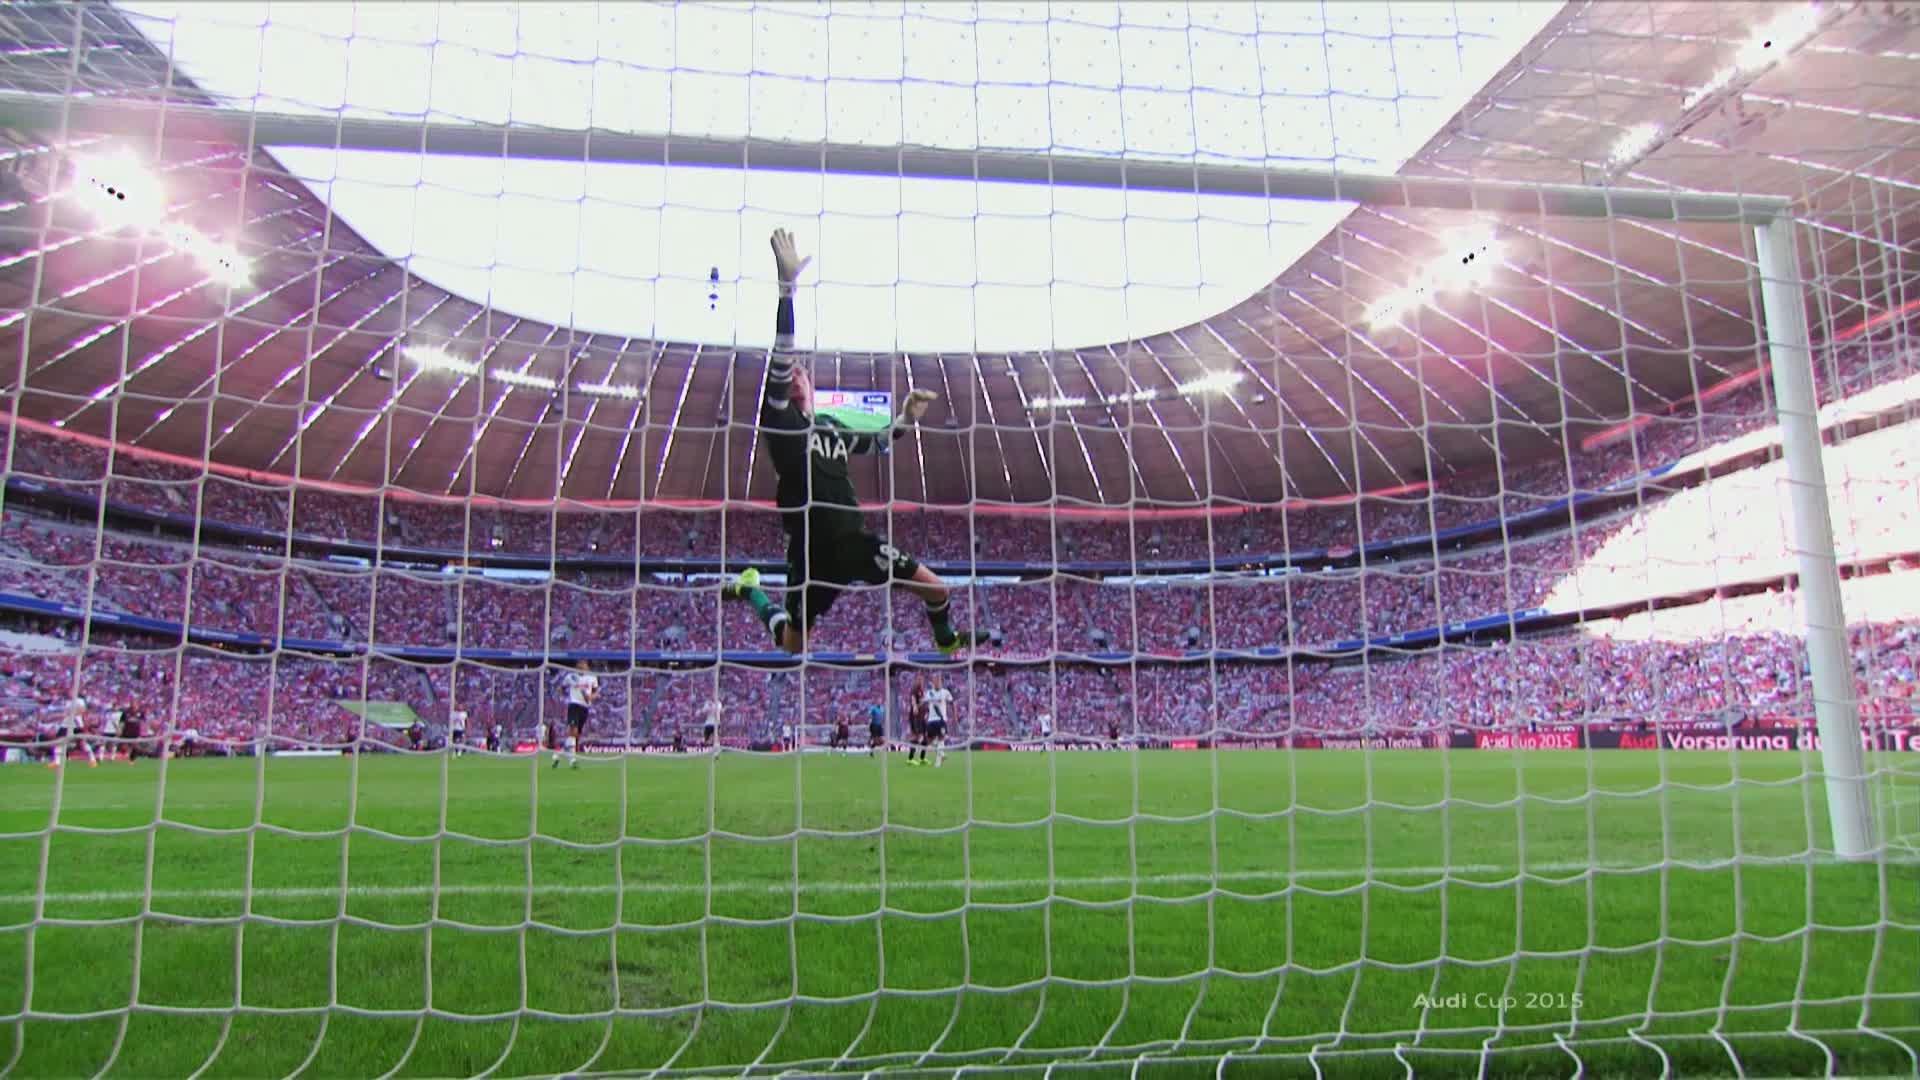 Audi Cup - Tottenham Hotspur vs. AC Mailand